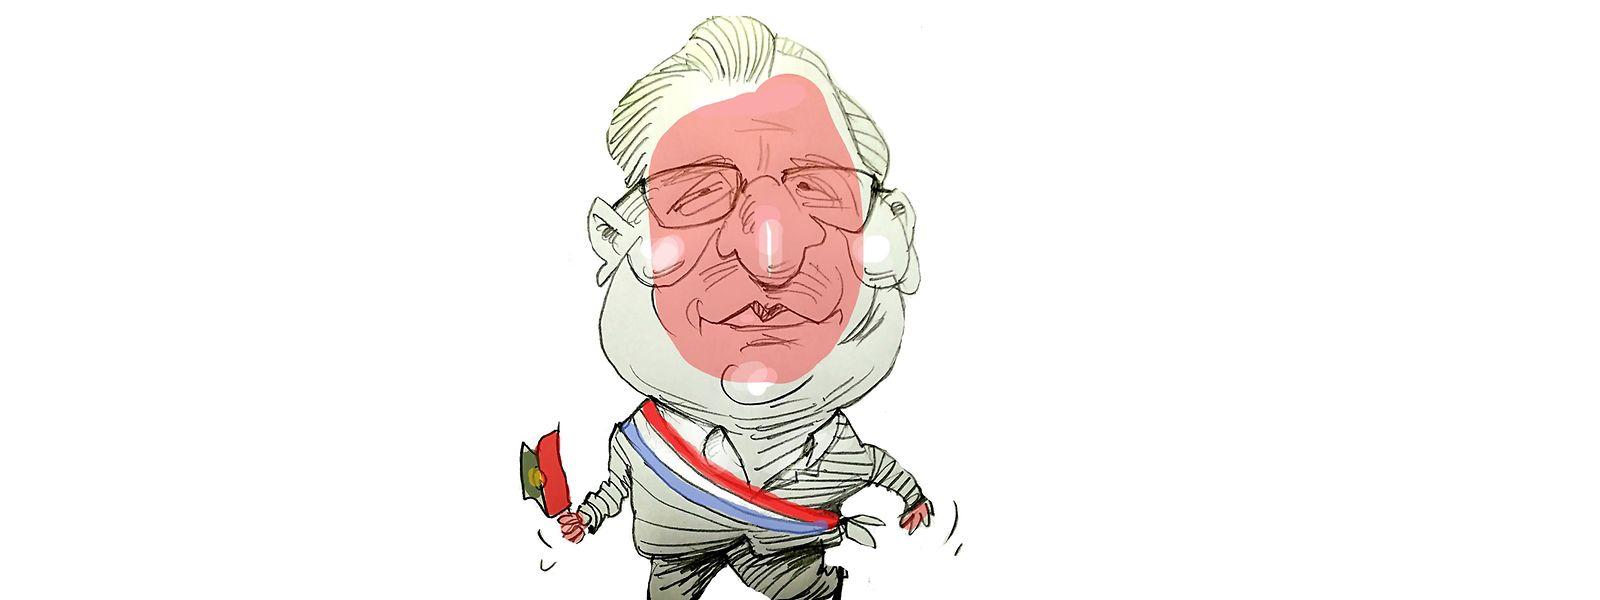 O primeiro candidato com passaporte português a vencer eleições no Luxemburgo abdicou do cargo de burgomestre.